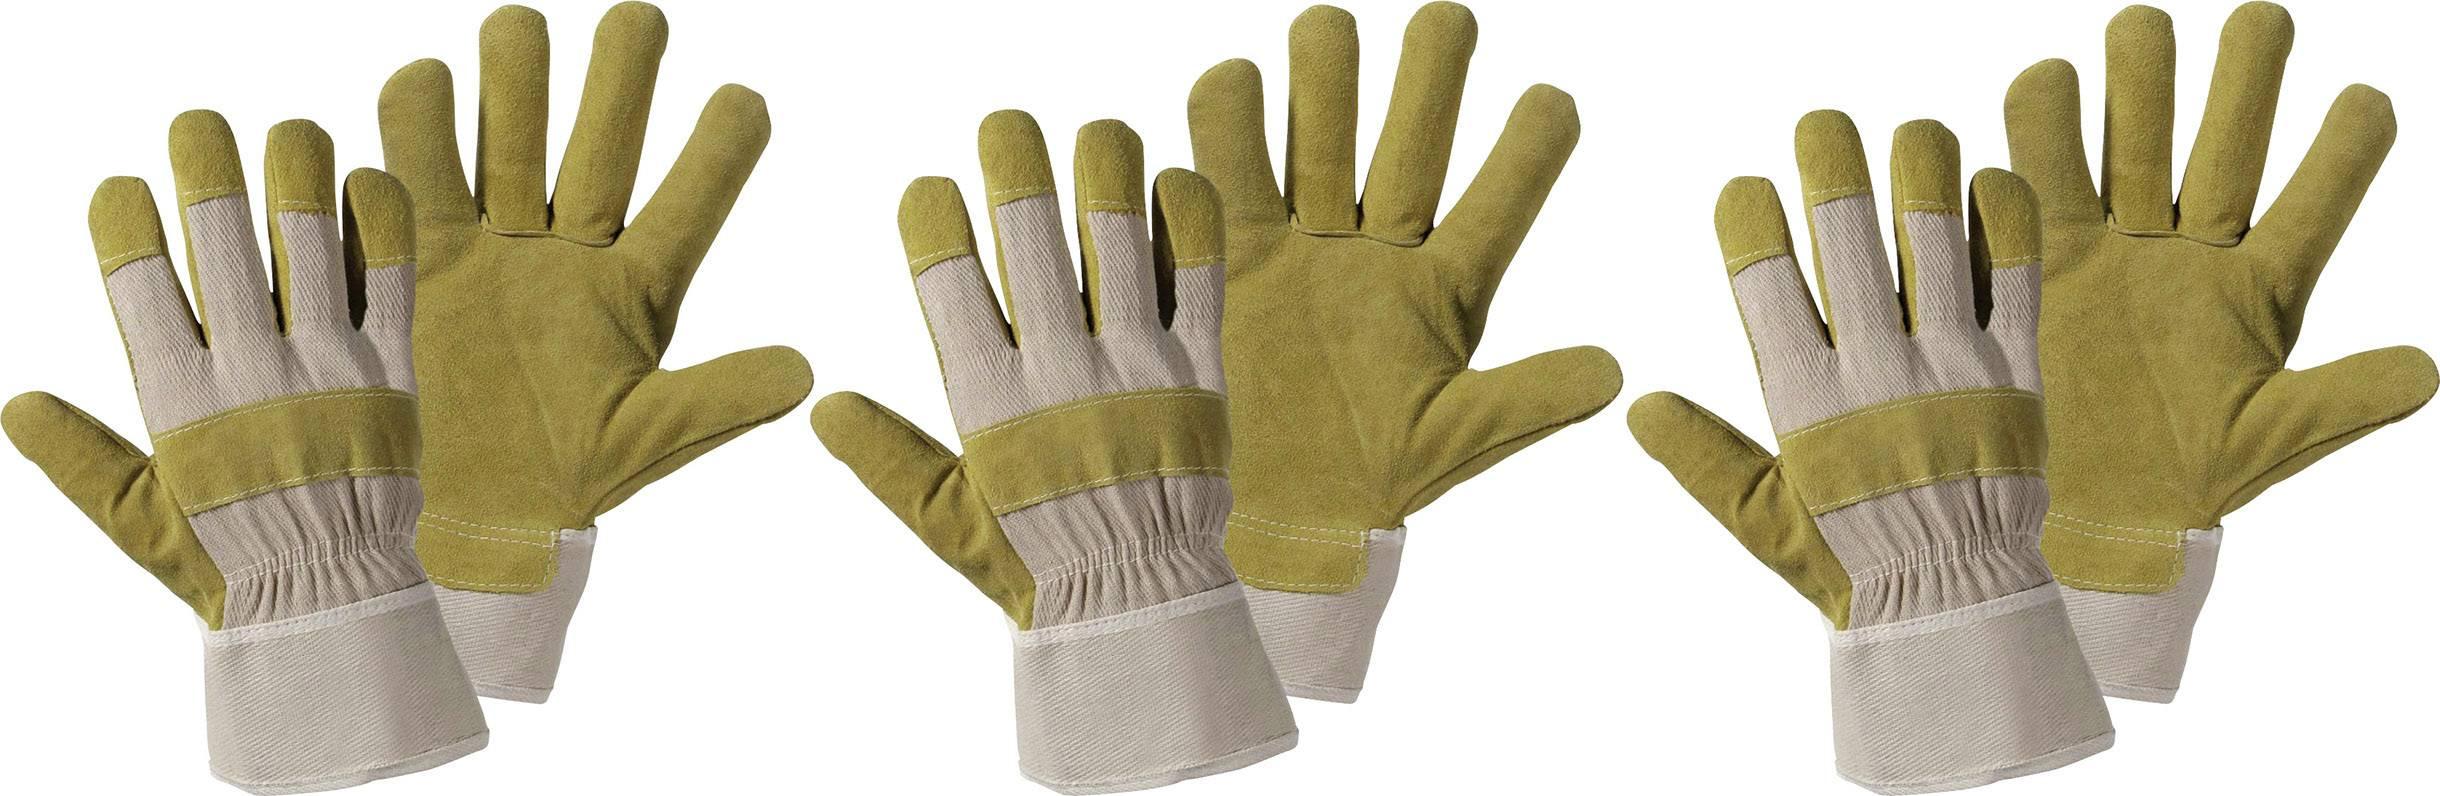 Pracovné rukavice Upixx China-Splitleather 1521-3, velikost rukavic: 10.5, XL